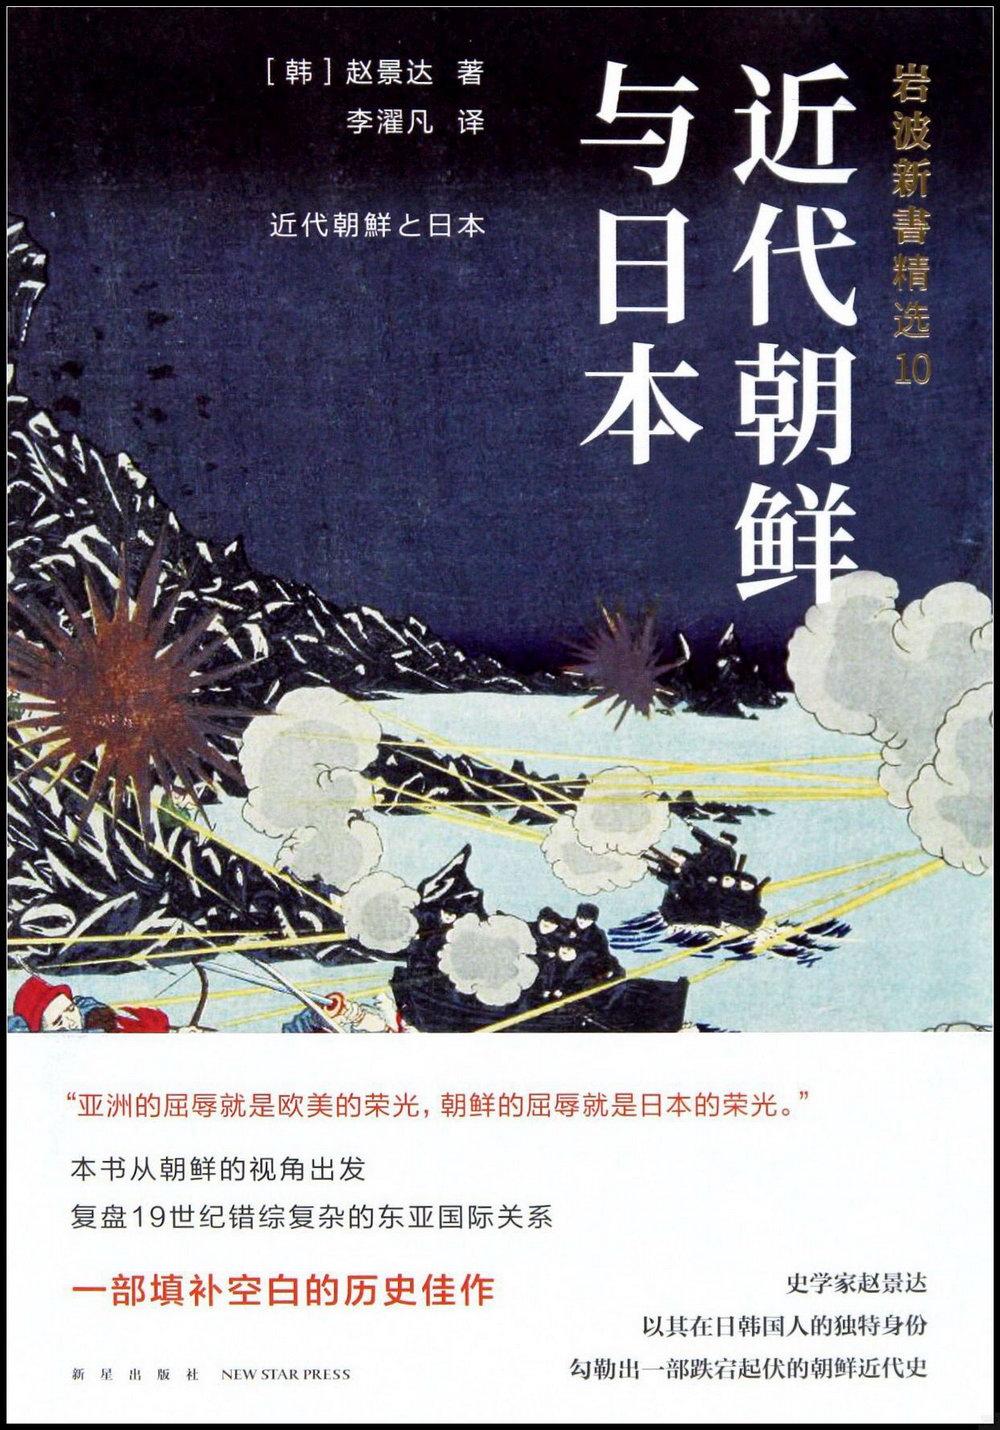 近代朝鮮與日本